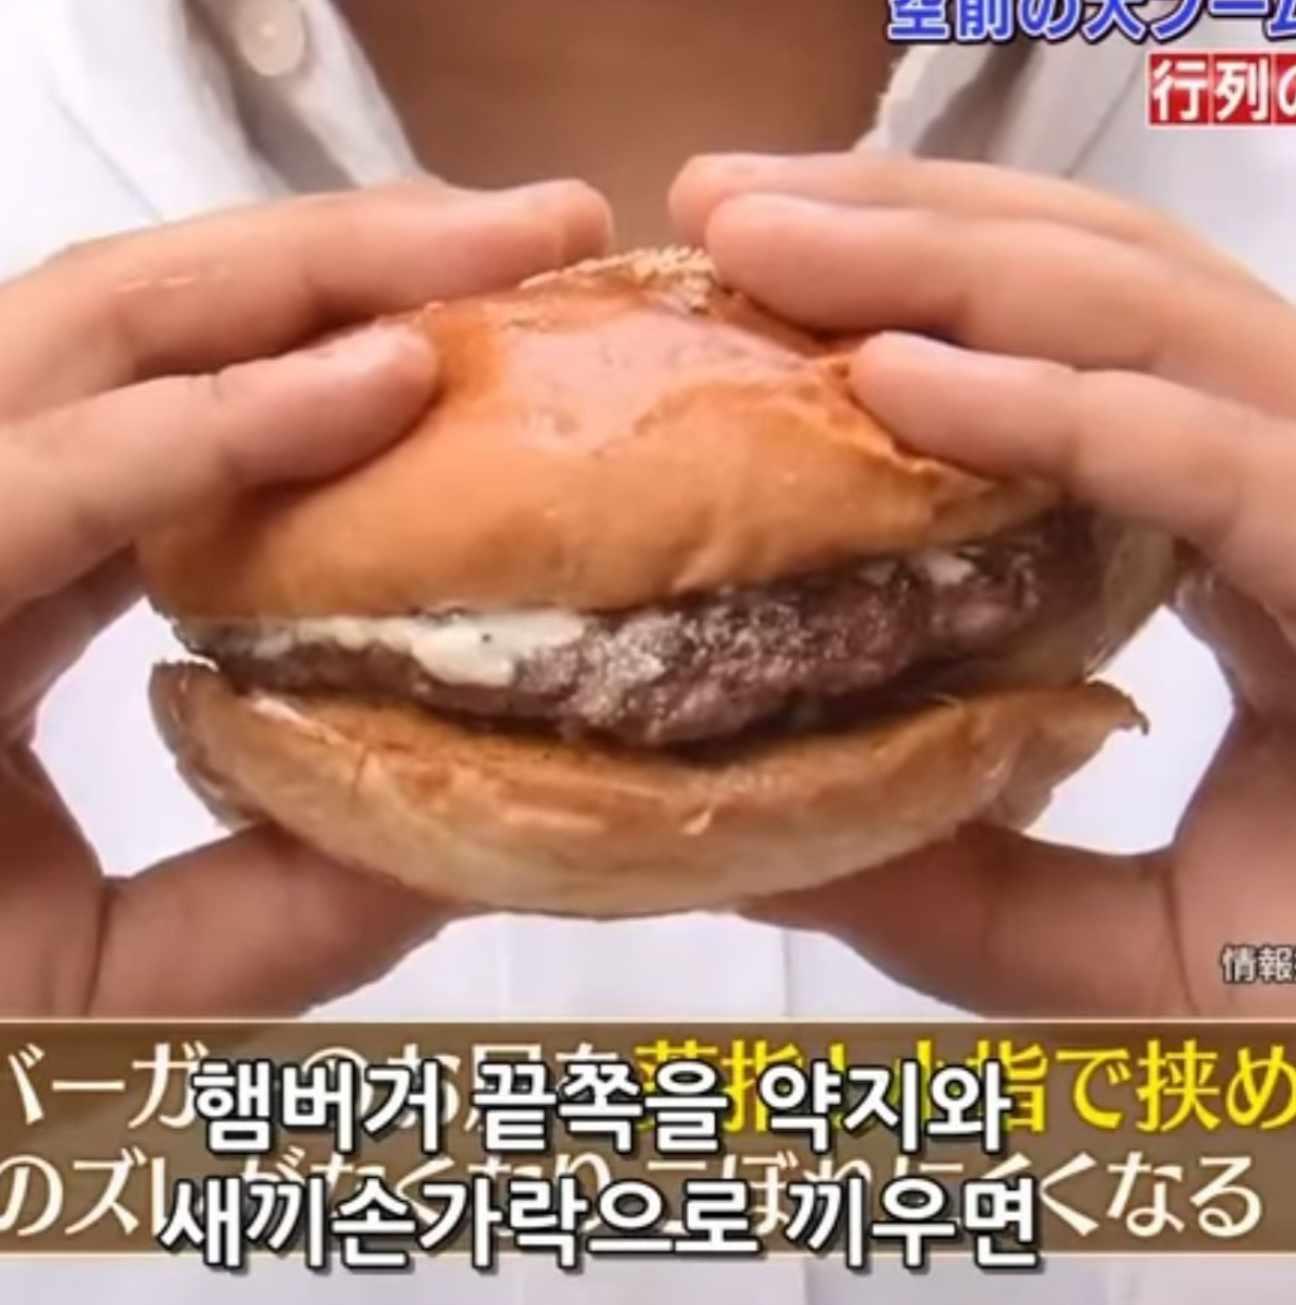 햄버거 깔끔하게 먹는 꿀팁.jpg